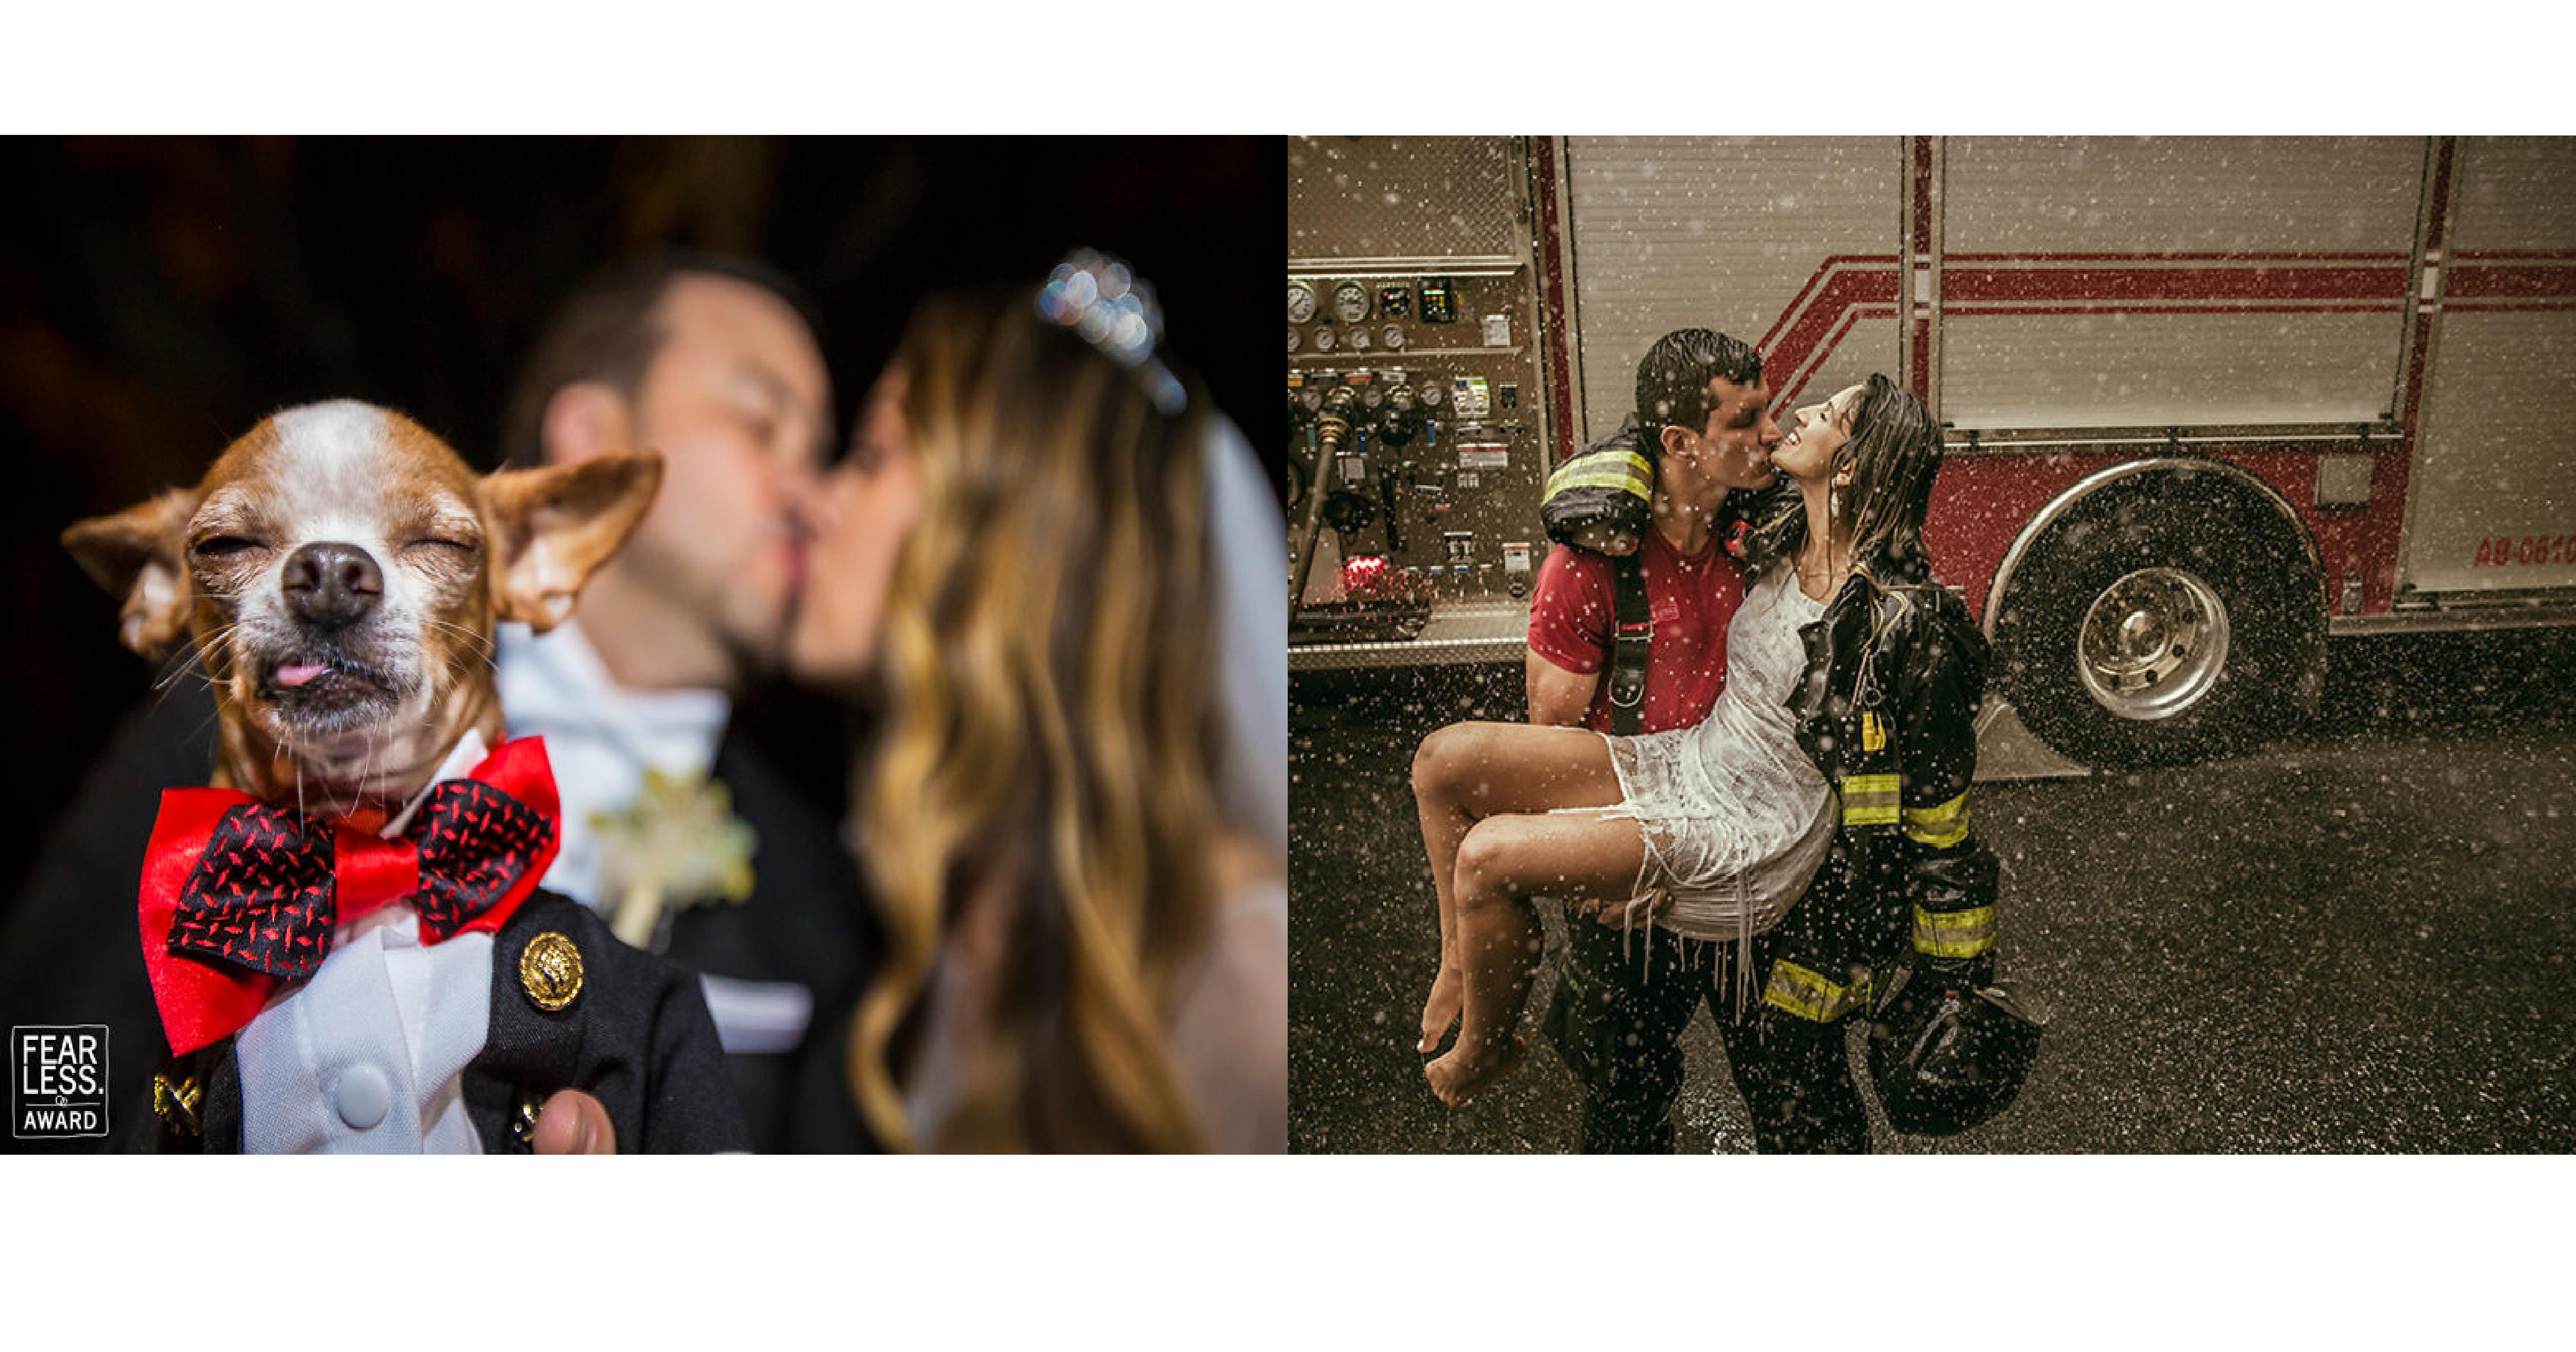 e5b081e99da2 e5b7a5e4bd9ce58d80e59f9f 2 3.png - 這12張照片告訴你「婚紗攝影」有多重要!#8竟然讓網友笑到併軌啦...